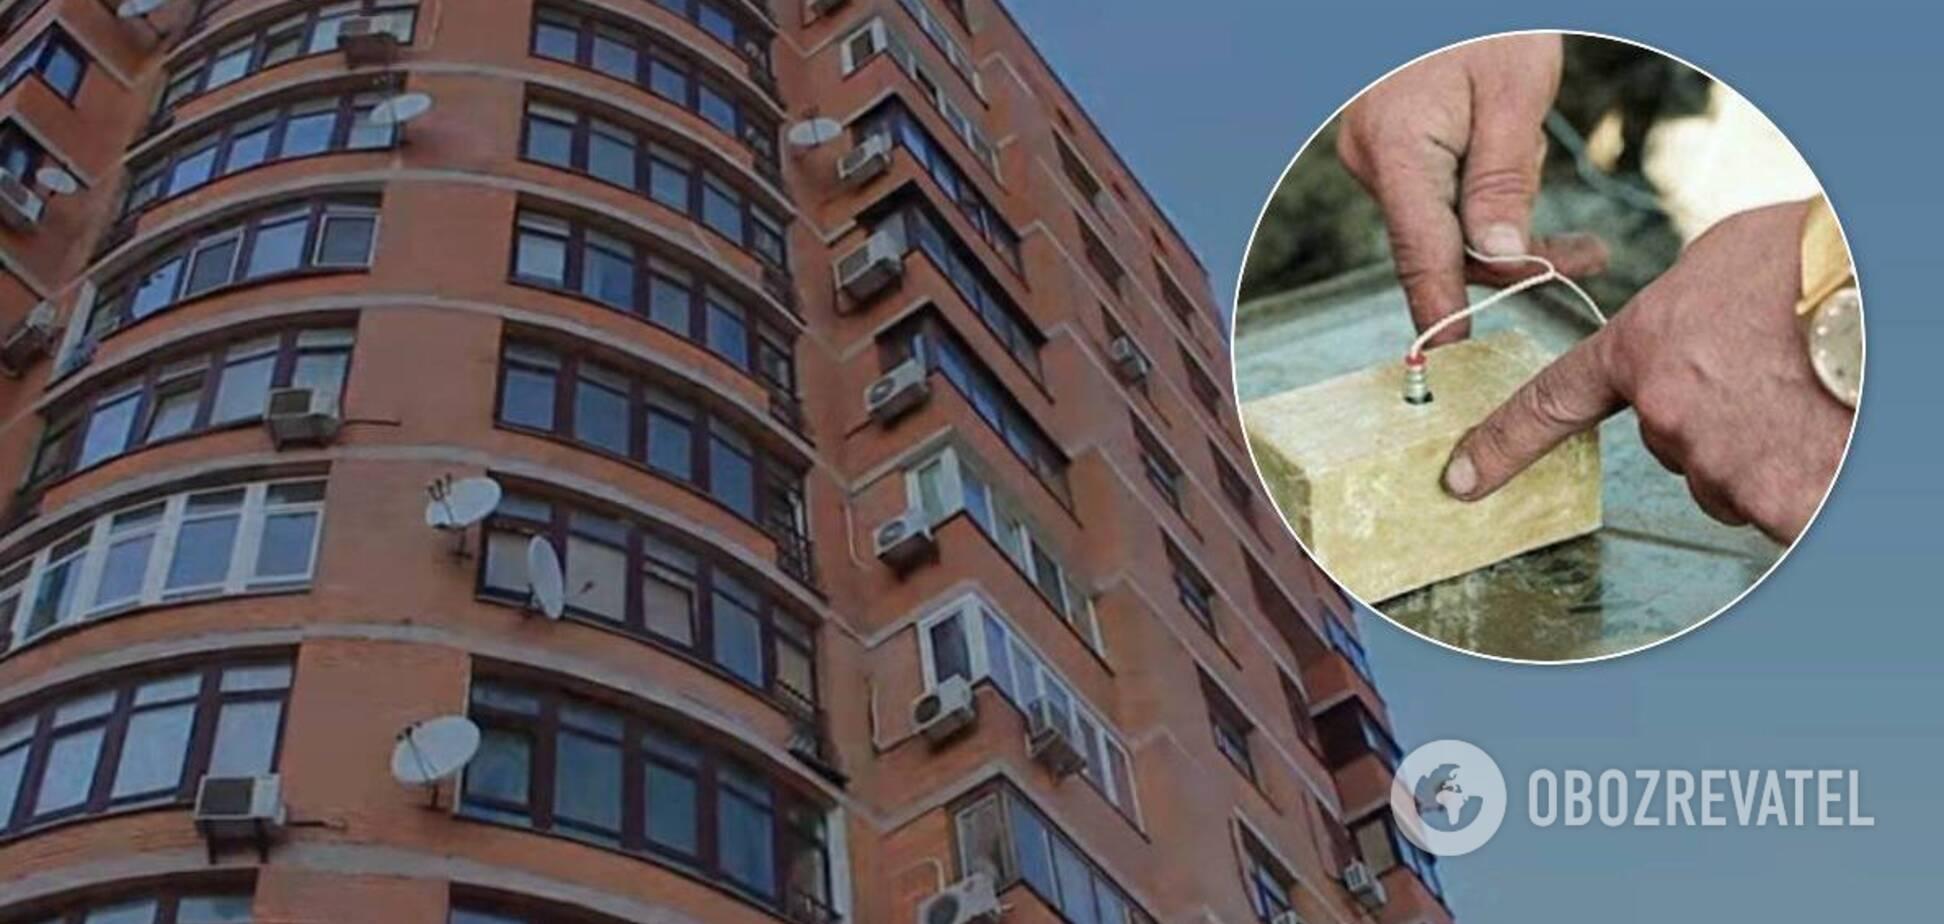 У багатоповерхівці Києва виявили вибухівку з детонаторами. Деталі події